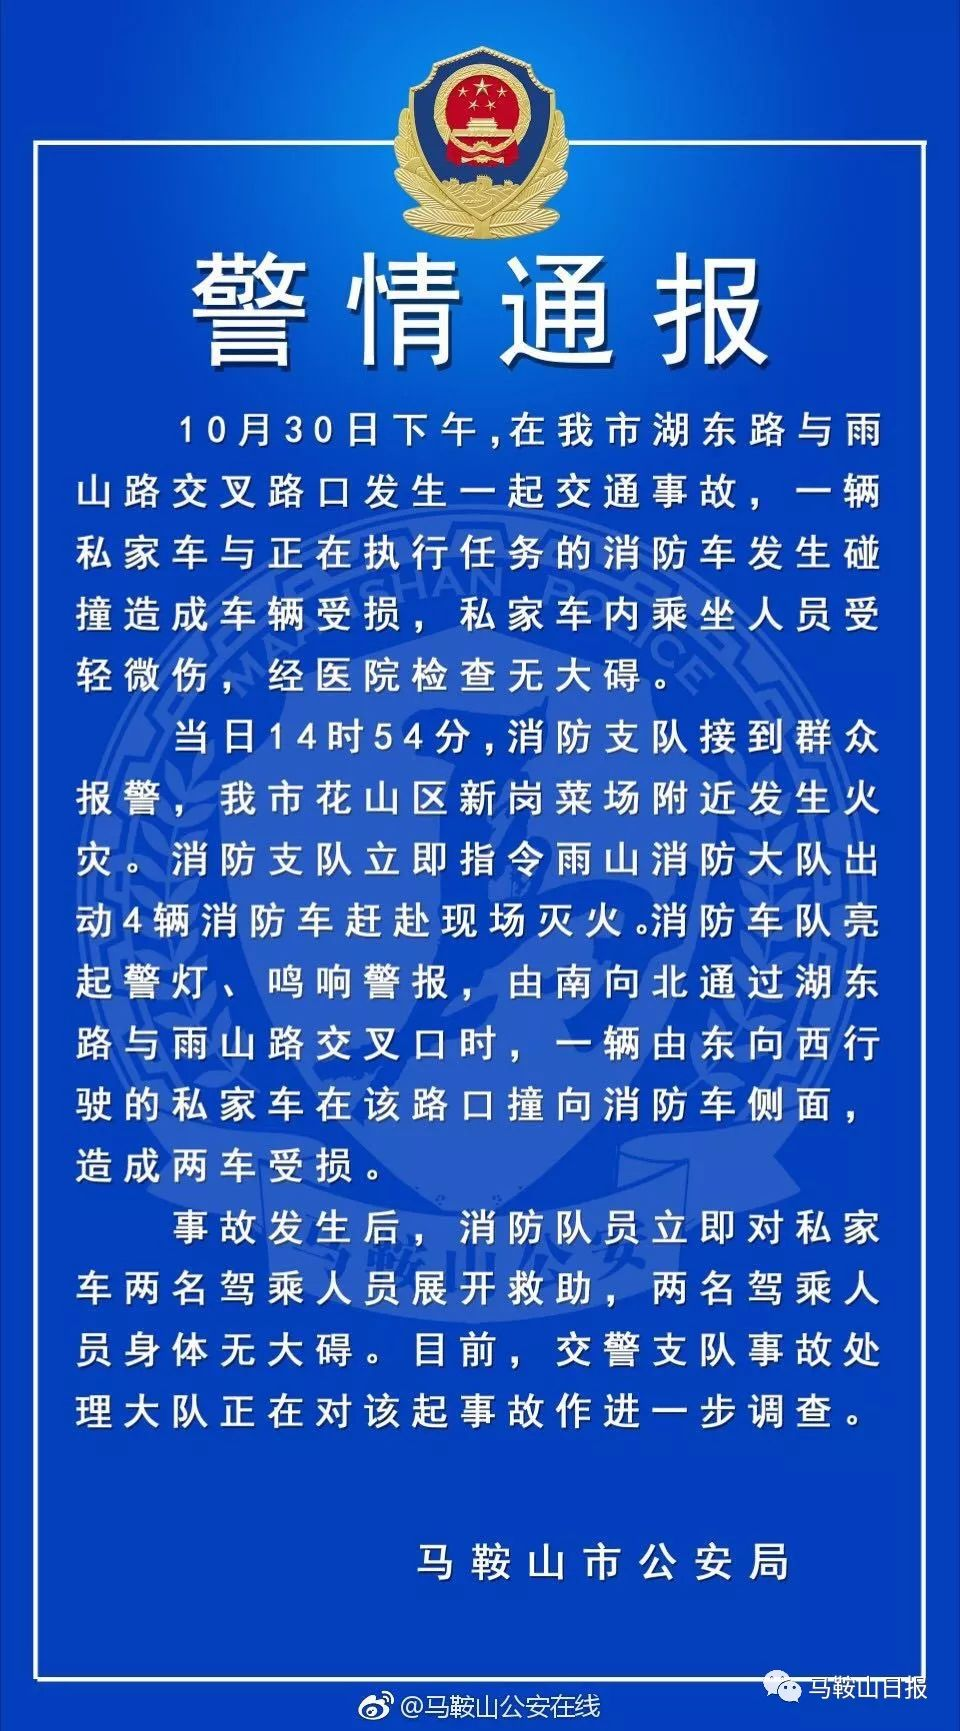 http://www.65square.com/shehui/50700.html